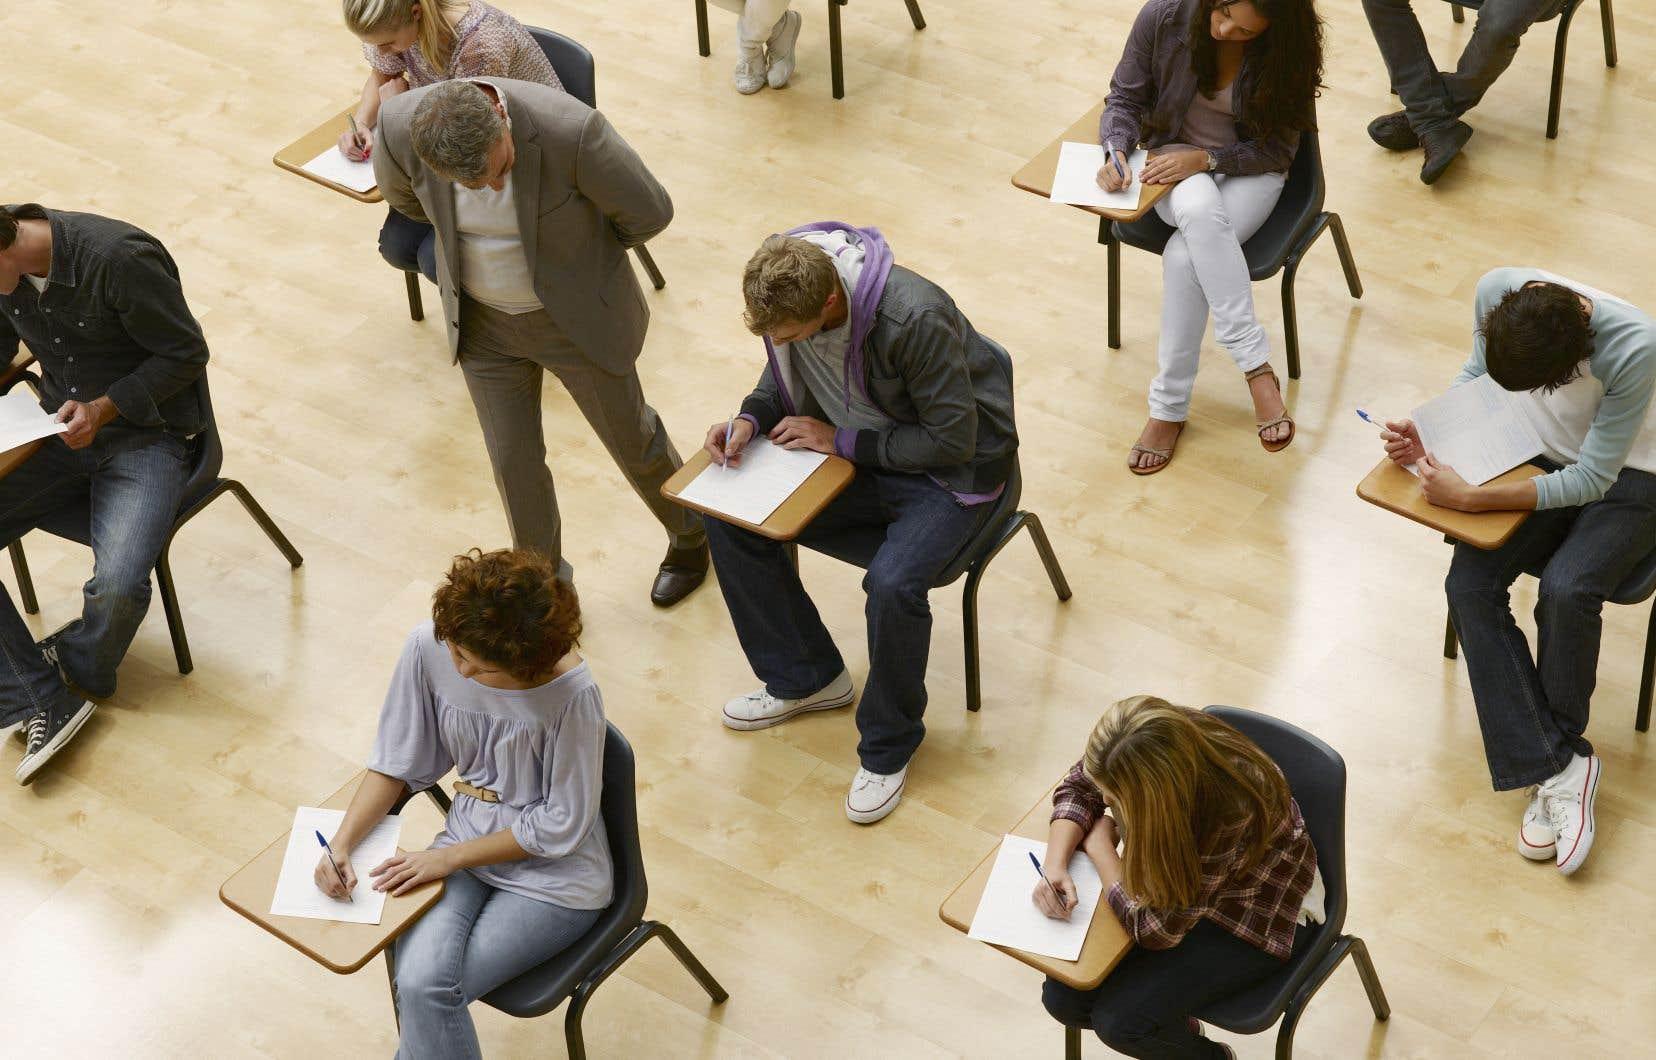 L'éducation des adultes et la formation professionnelle sont les grandes oubliées des débats actuels, insiste l'auteure.